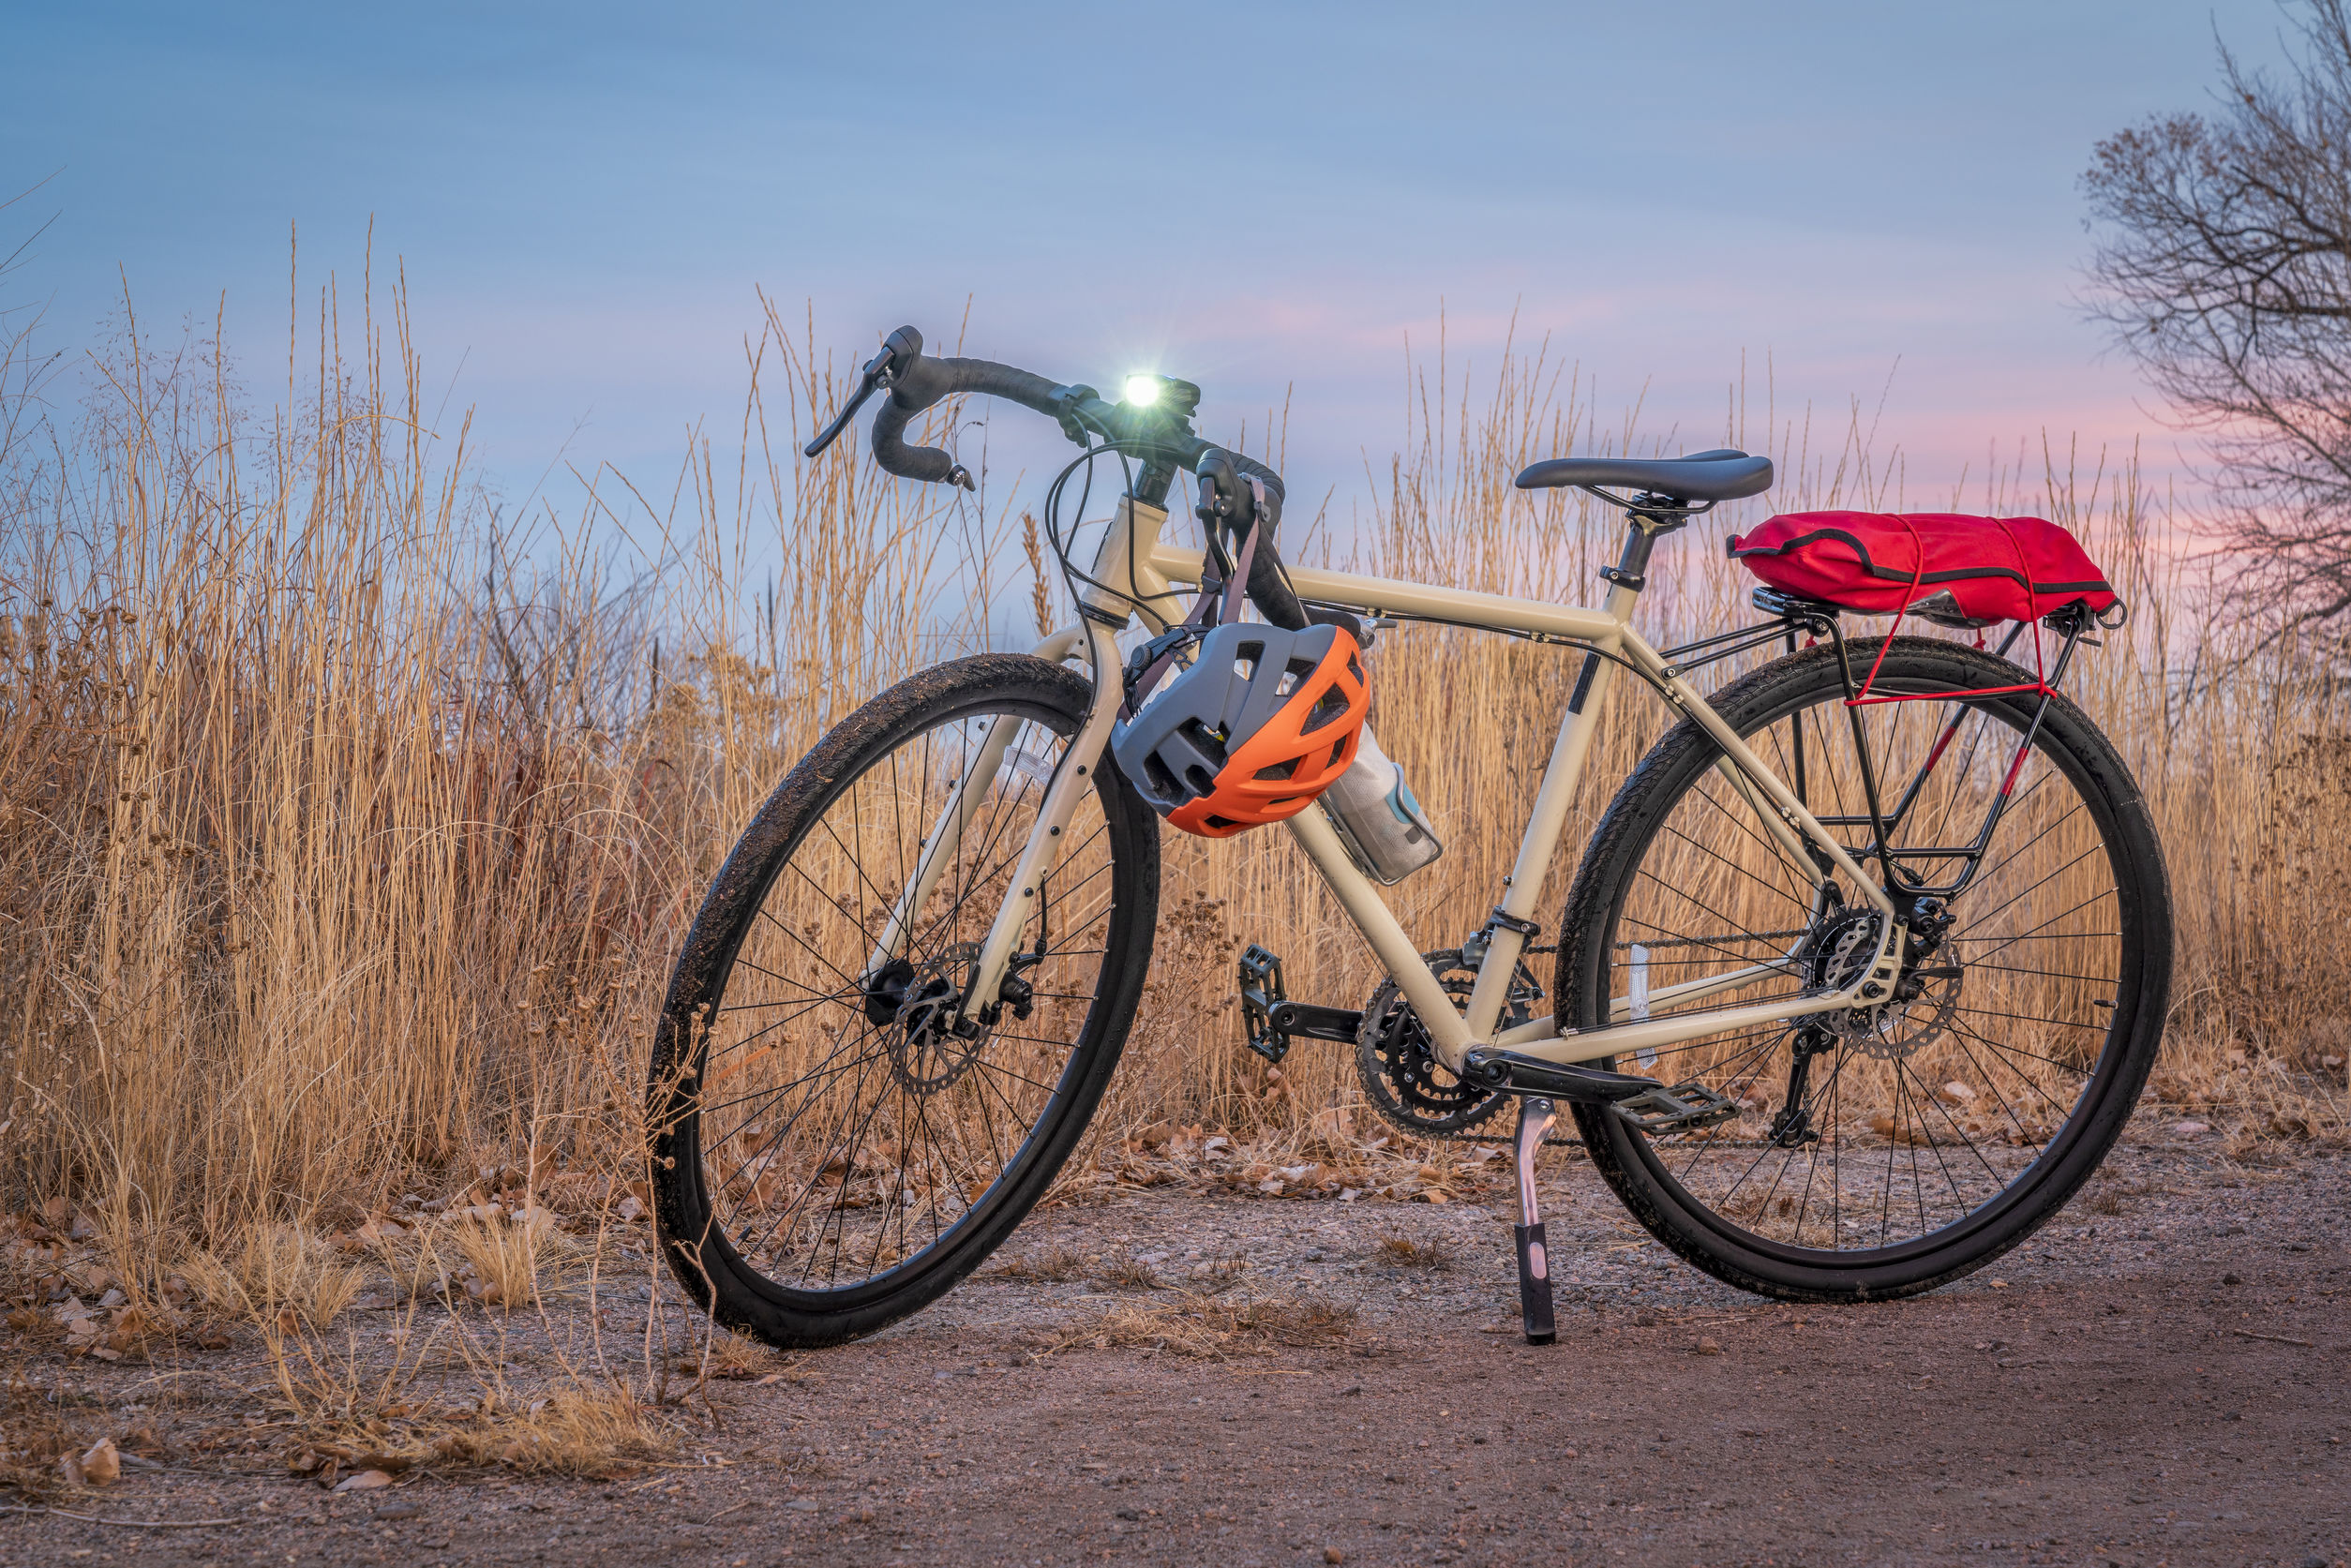 Imagem mostra uma bicicleta estacionada num campo aberto, com cascalhos no chão e mato alto ao fundo.